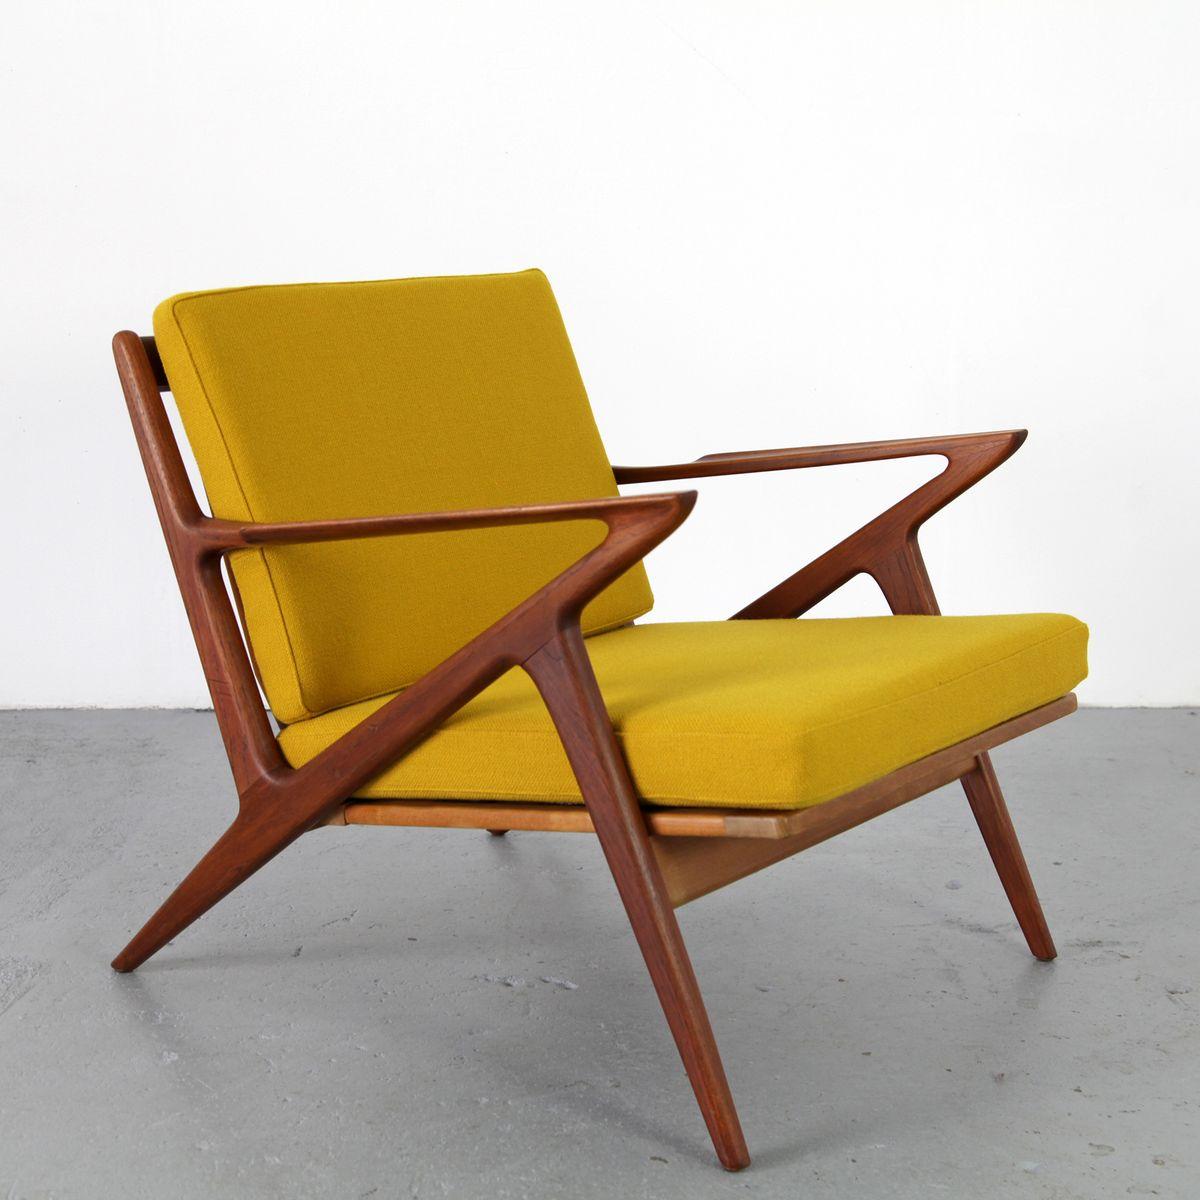 poul jensen z chair replica chiavari rentals nj by for haslev sale at pamono